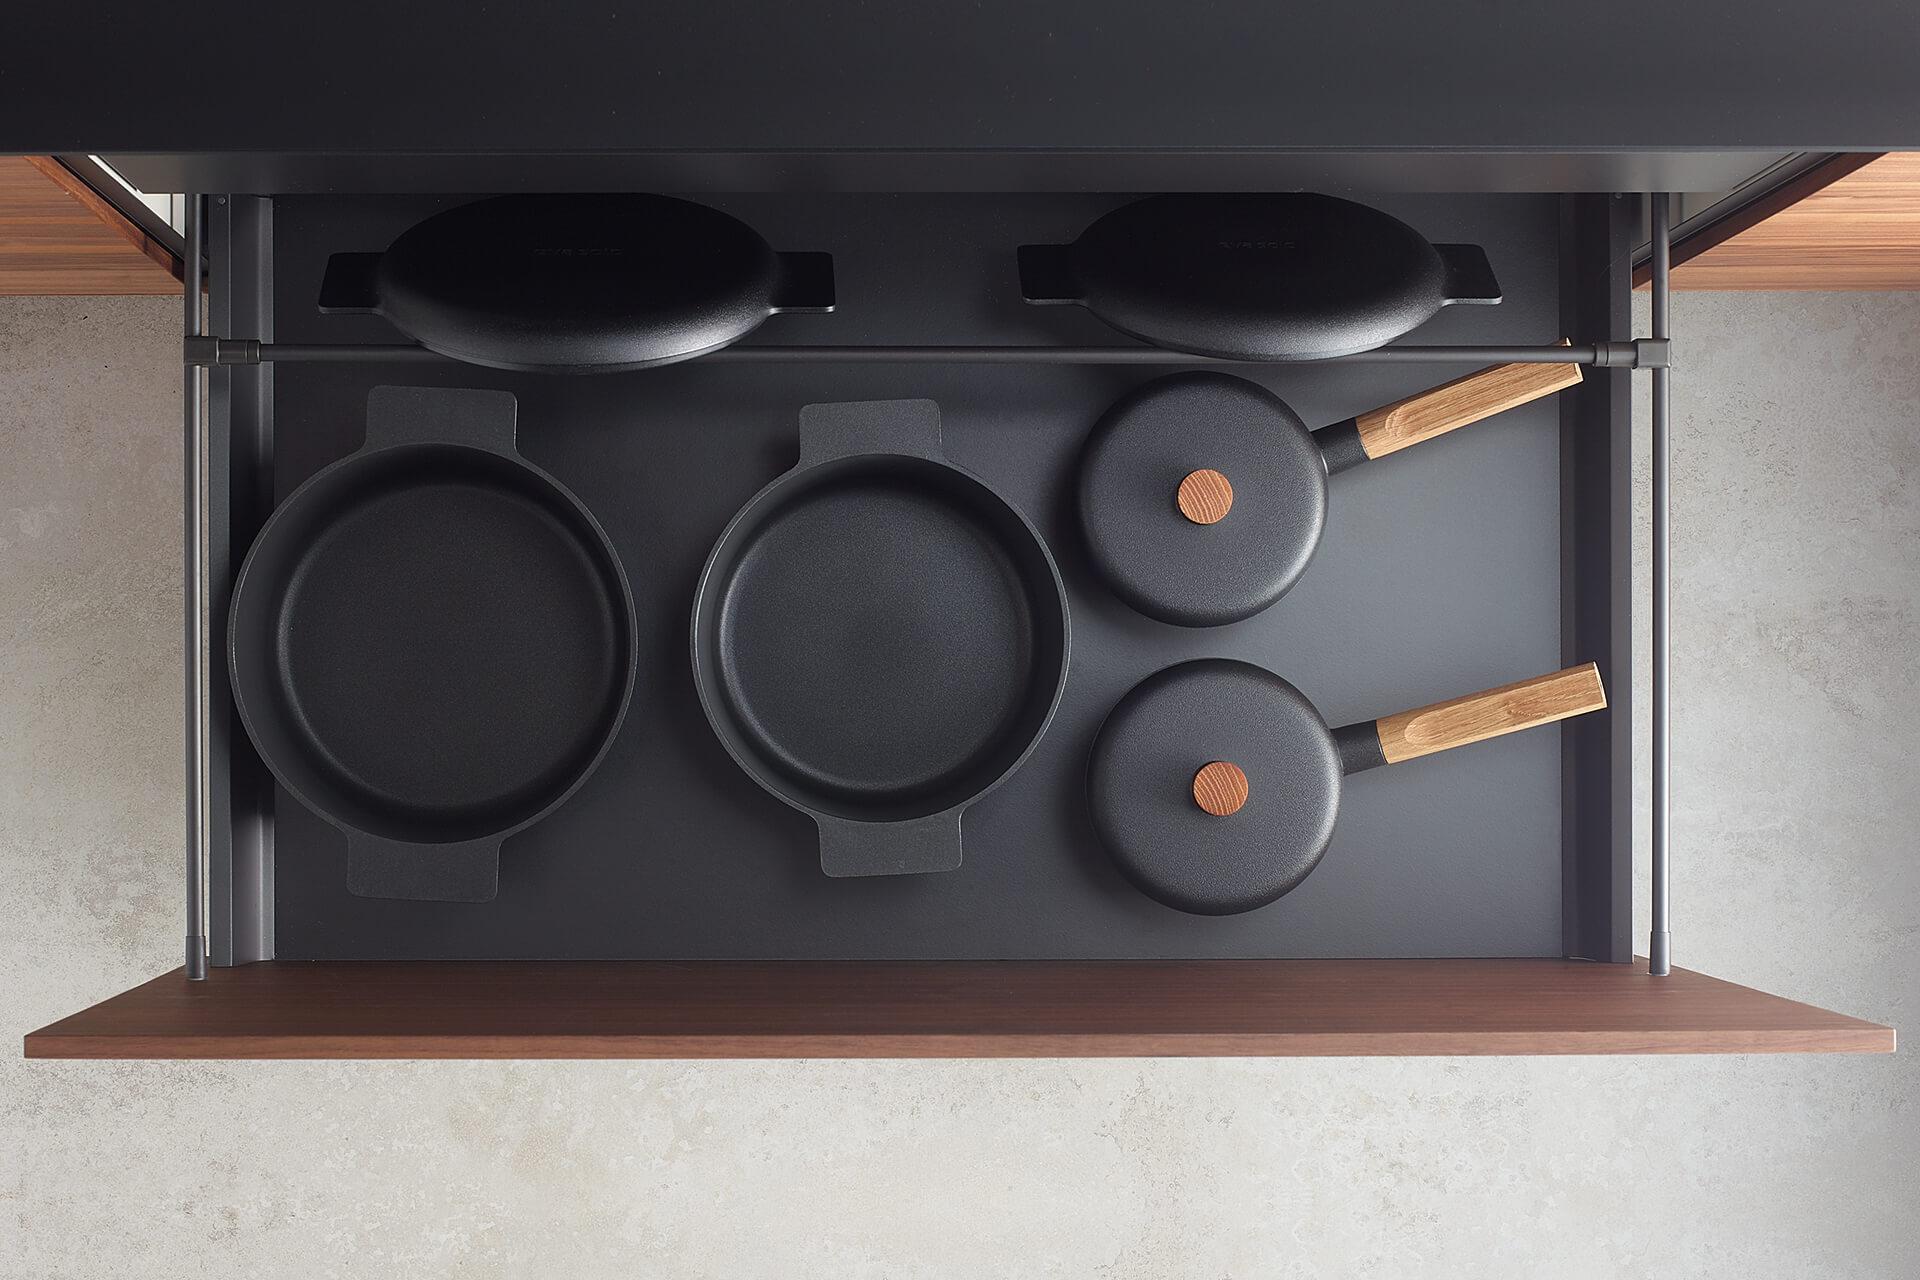 accesorio-separador-negro-cajones-cocina-santos